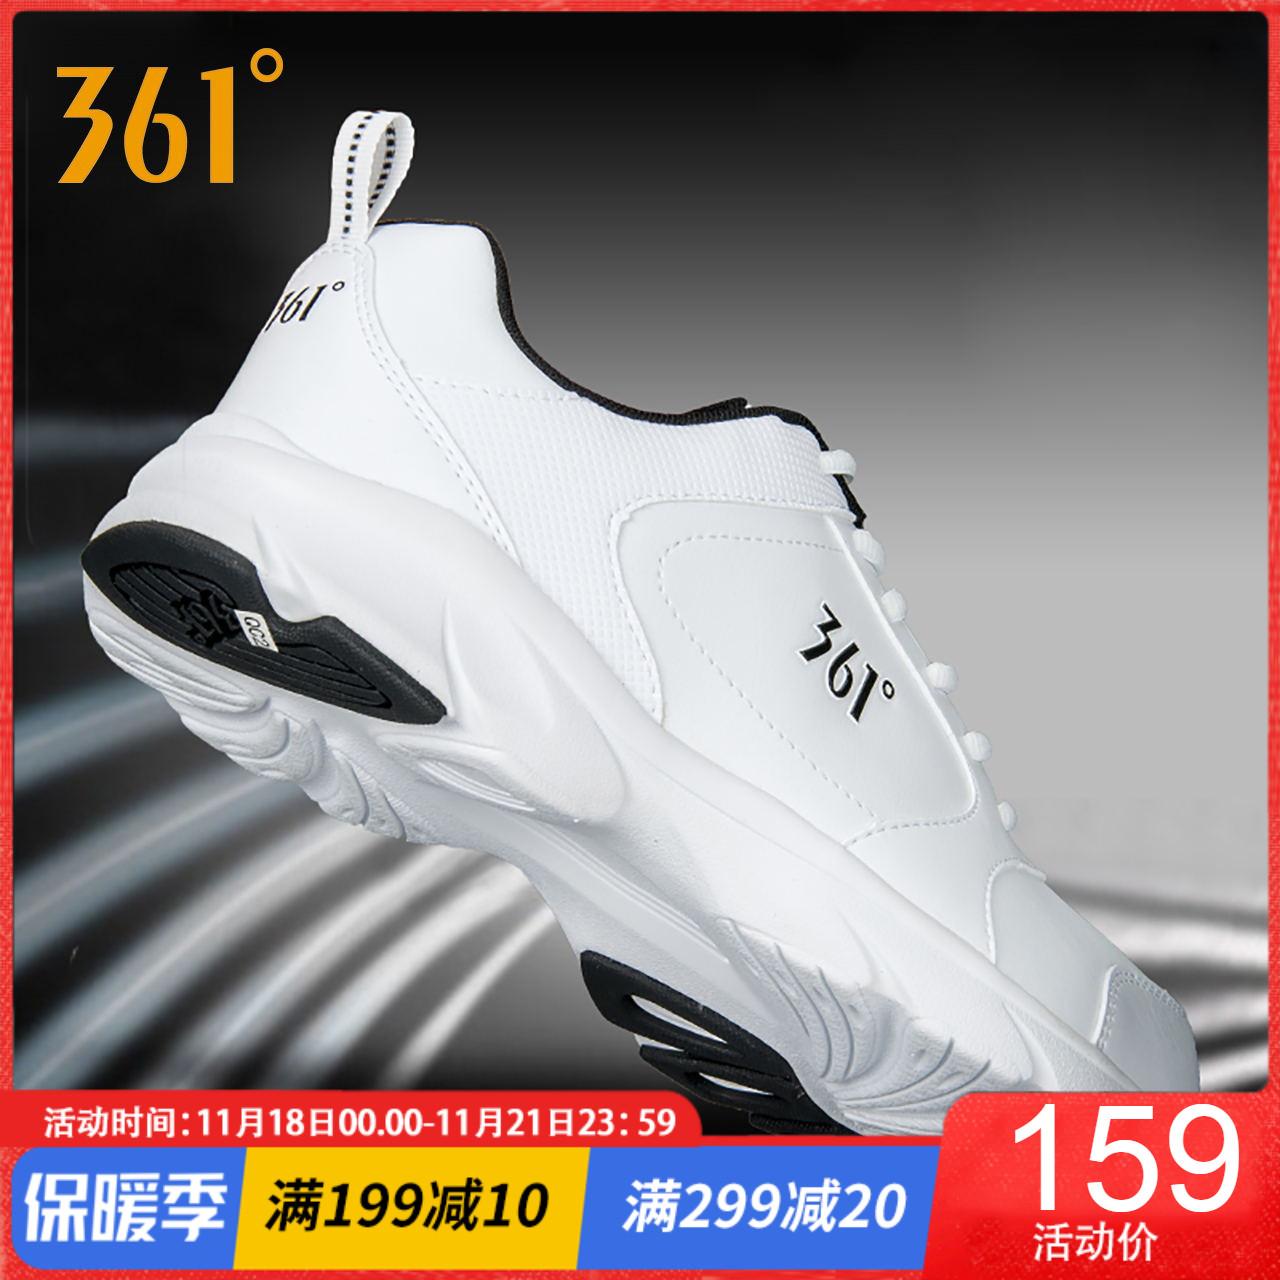 361男鞋跑步鞋2019新款青少年361度秋季冬季皮面鞋子白色运动鞋男